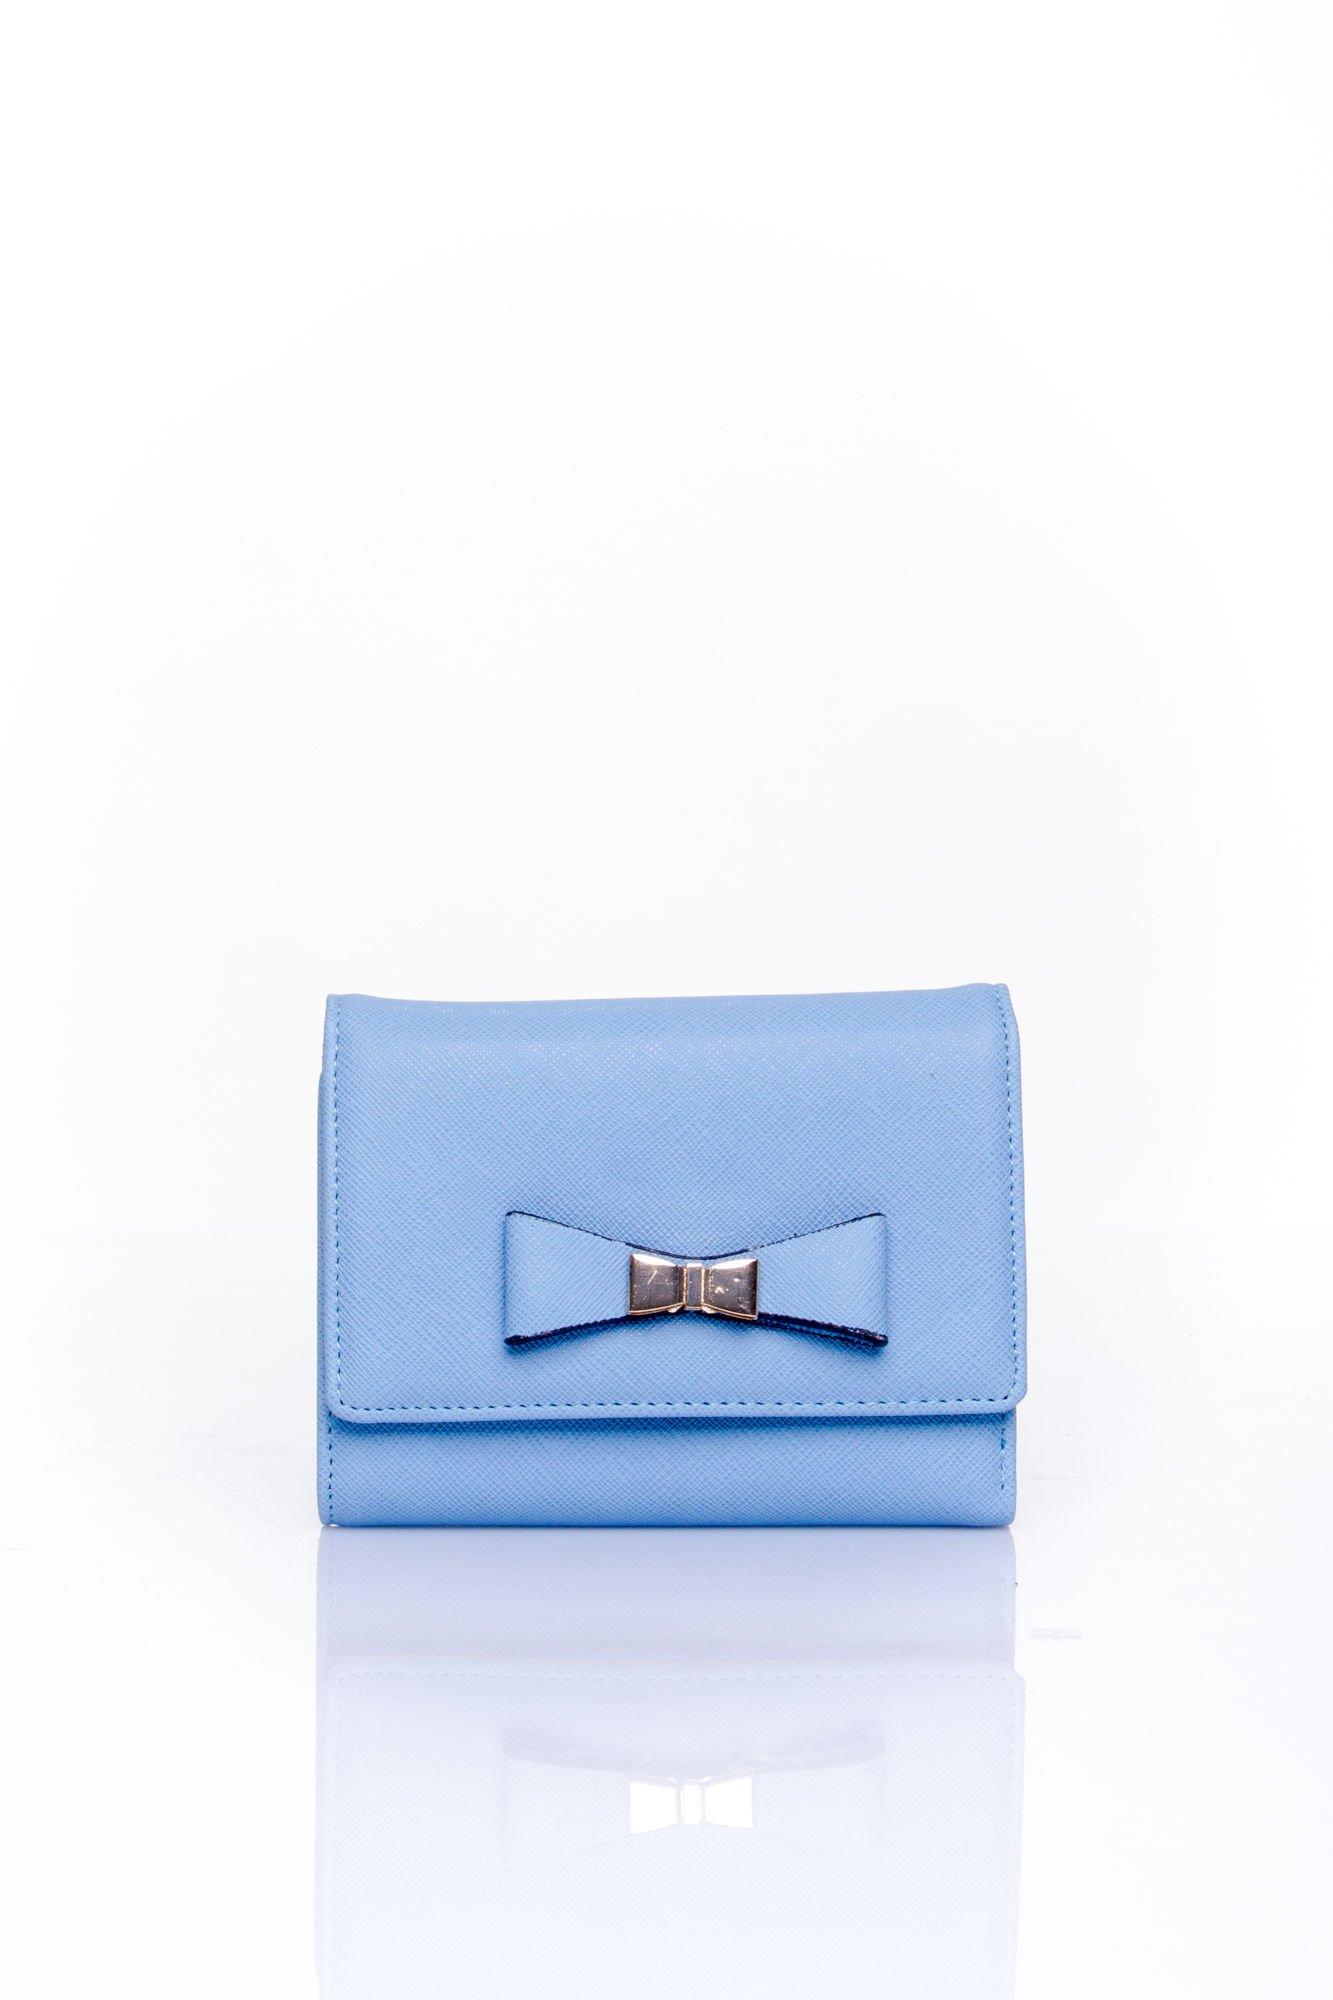 Niebieski portfel z kokardką                                  zdj.                                  1